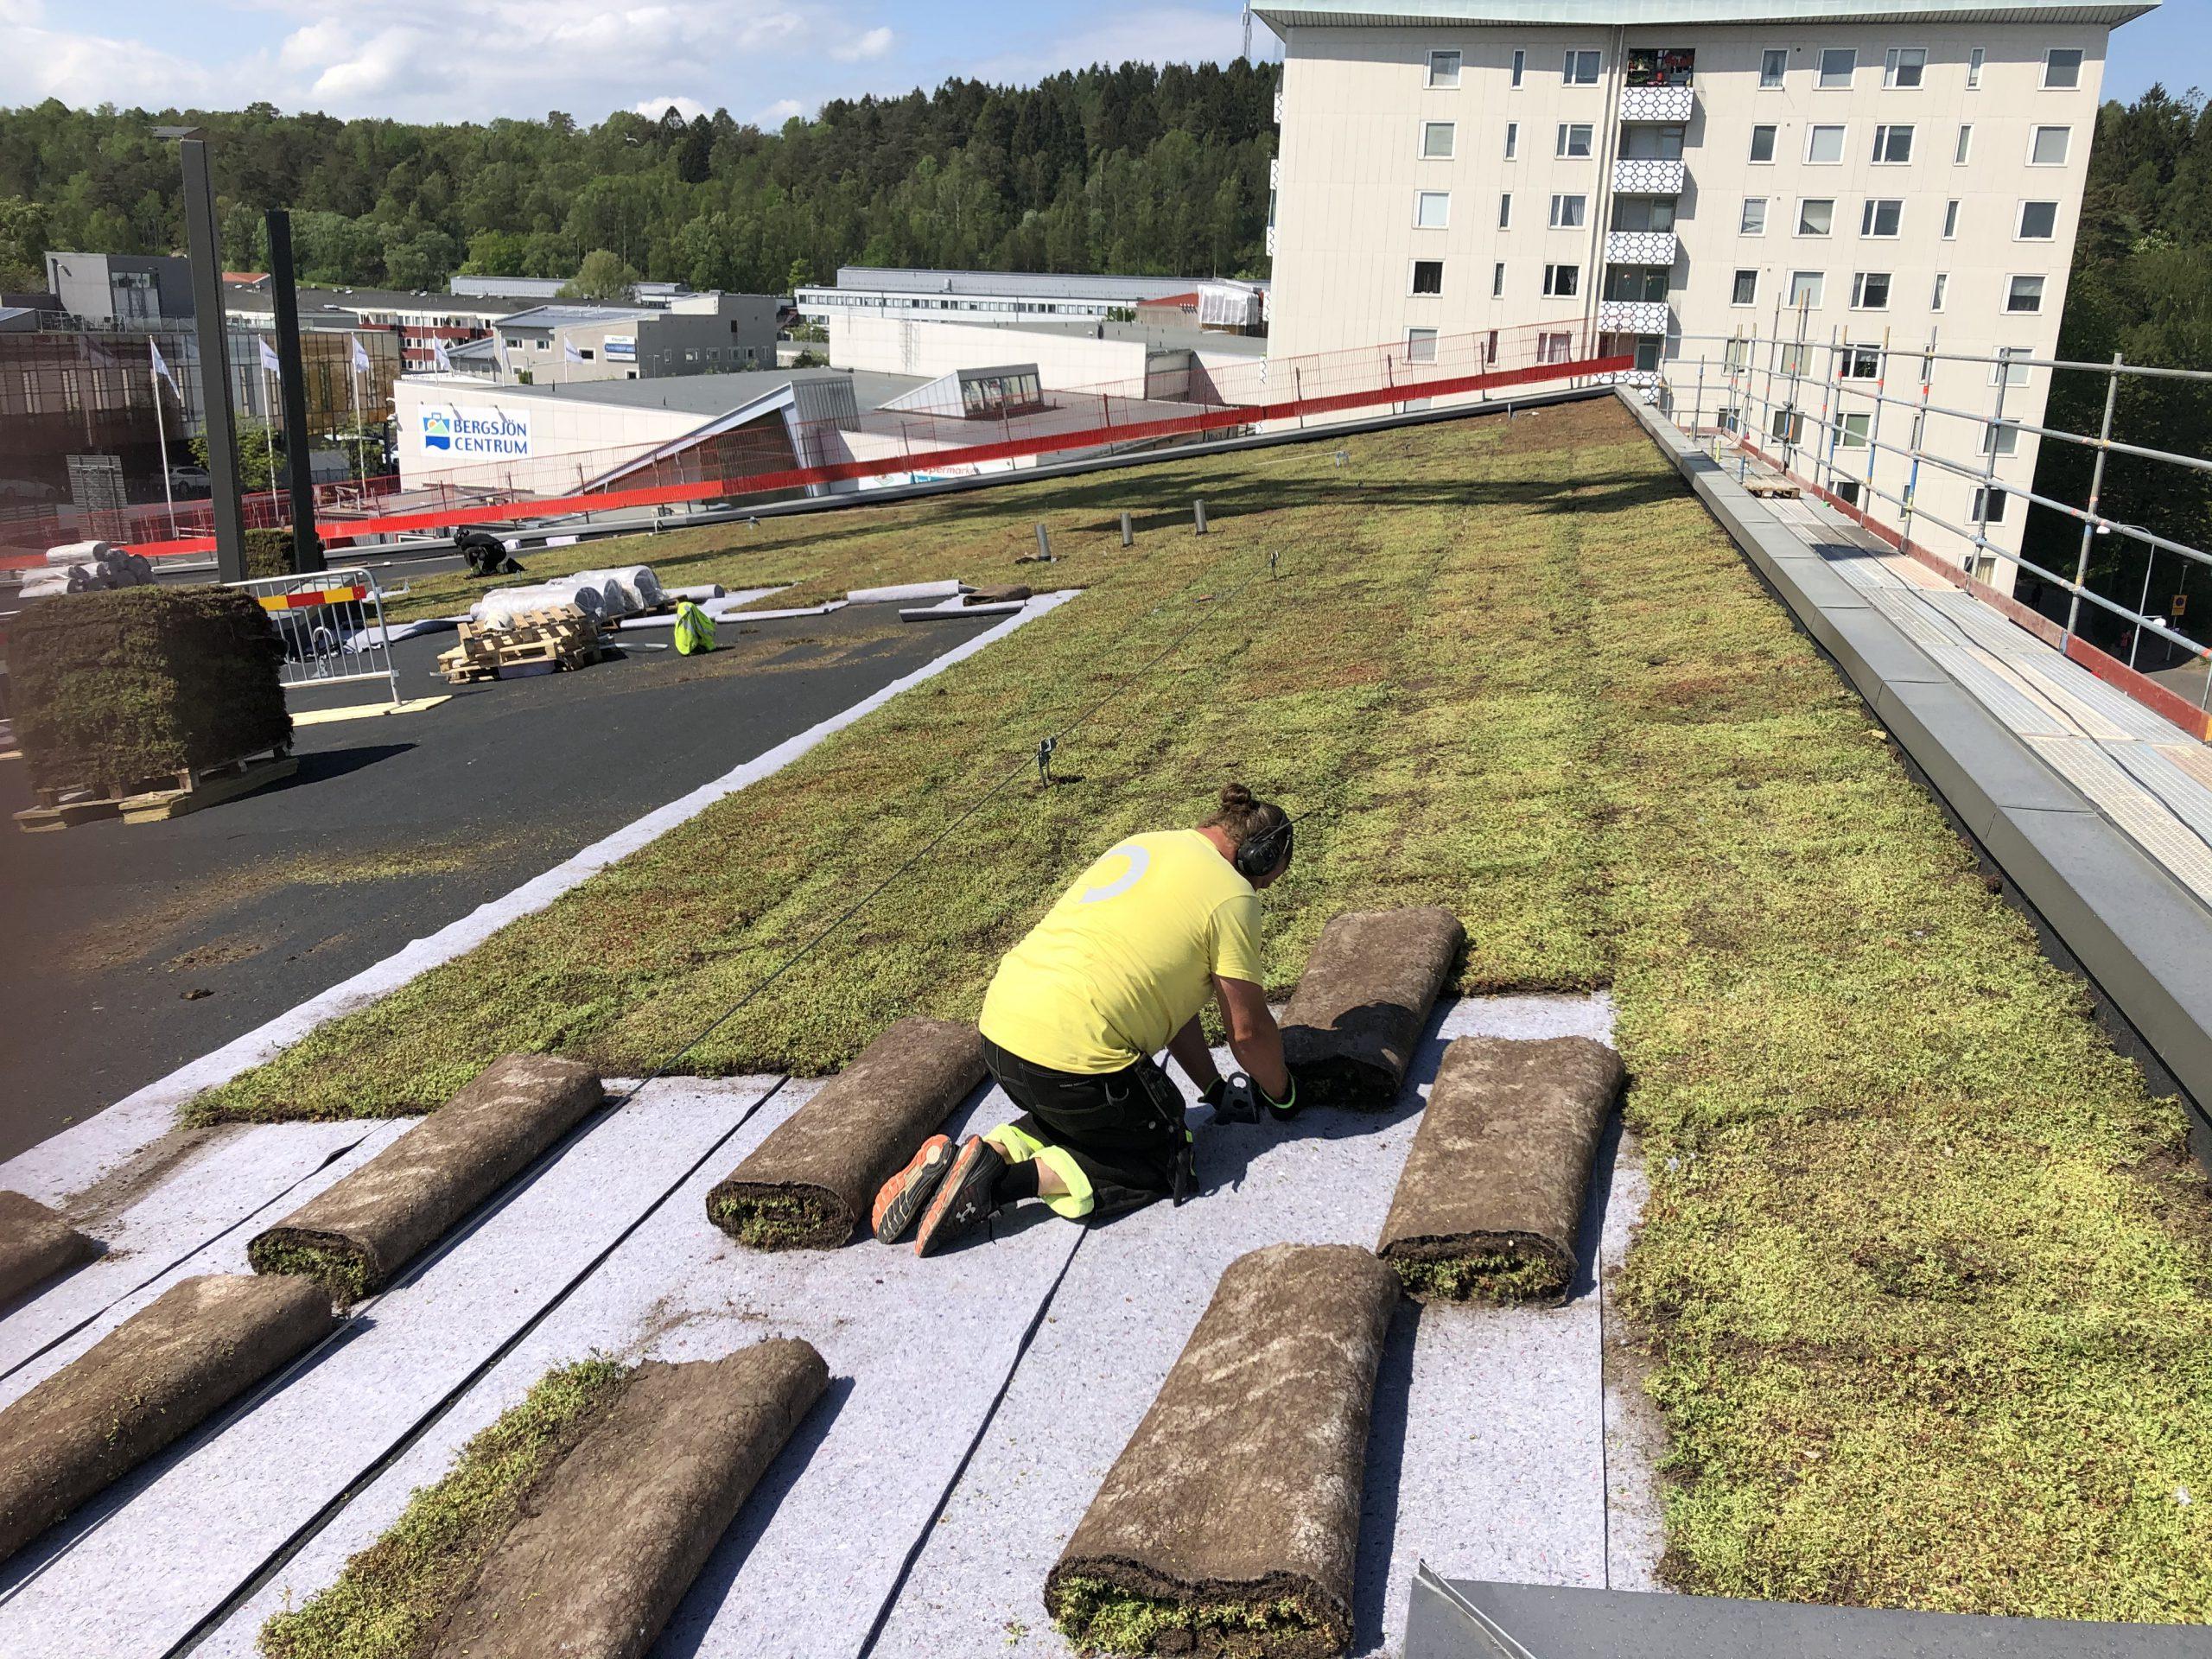 En man lägger ut rullar med sedumväxter på ett tak